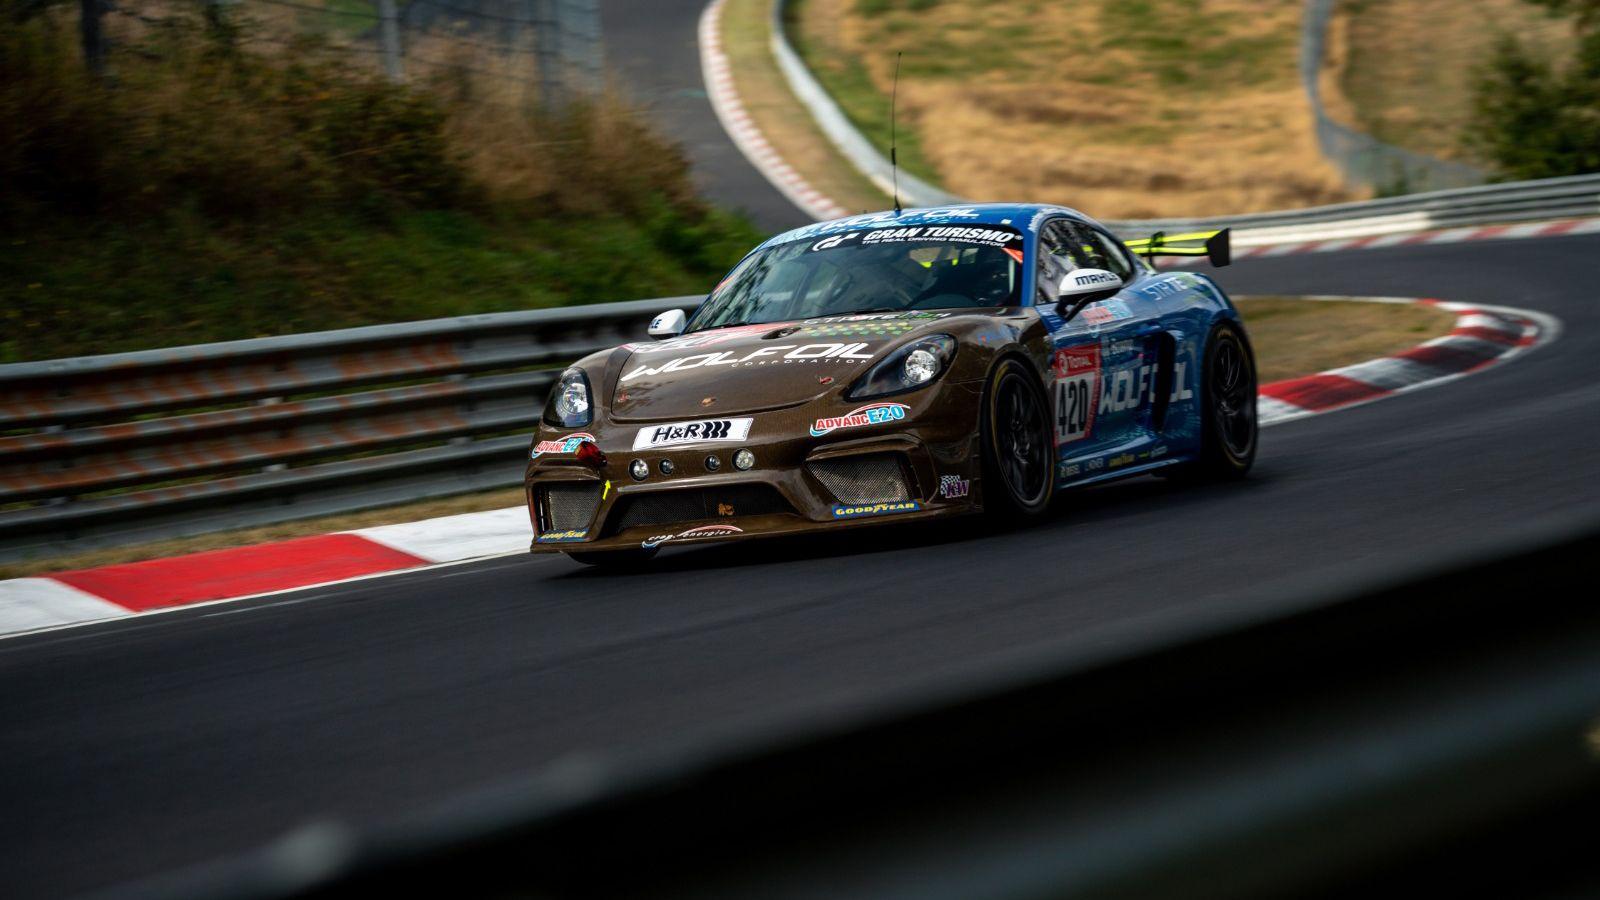 Porsche-718-Cayman-GT4-Clubsport-MR-5.jpg